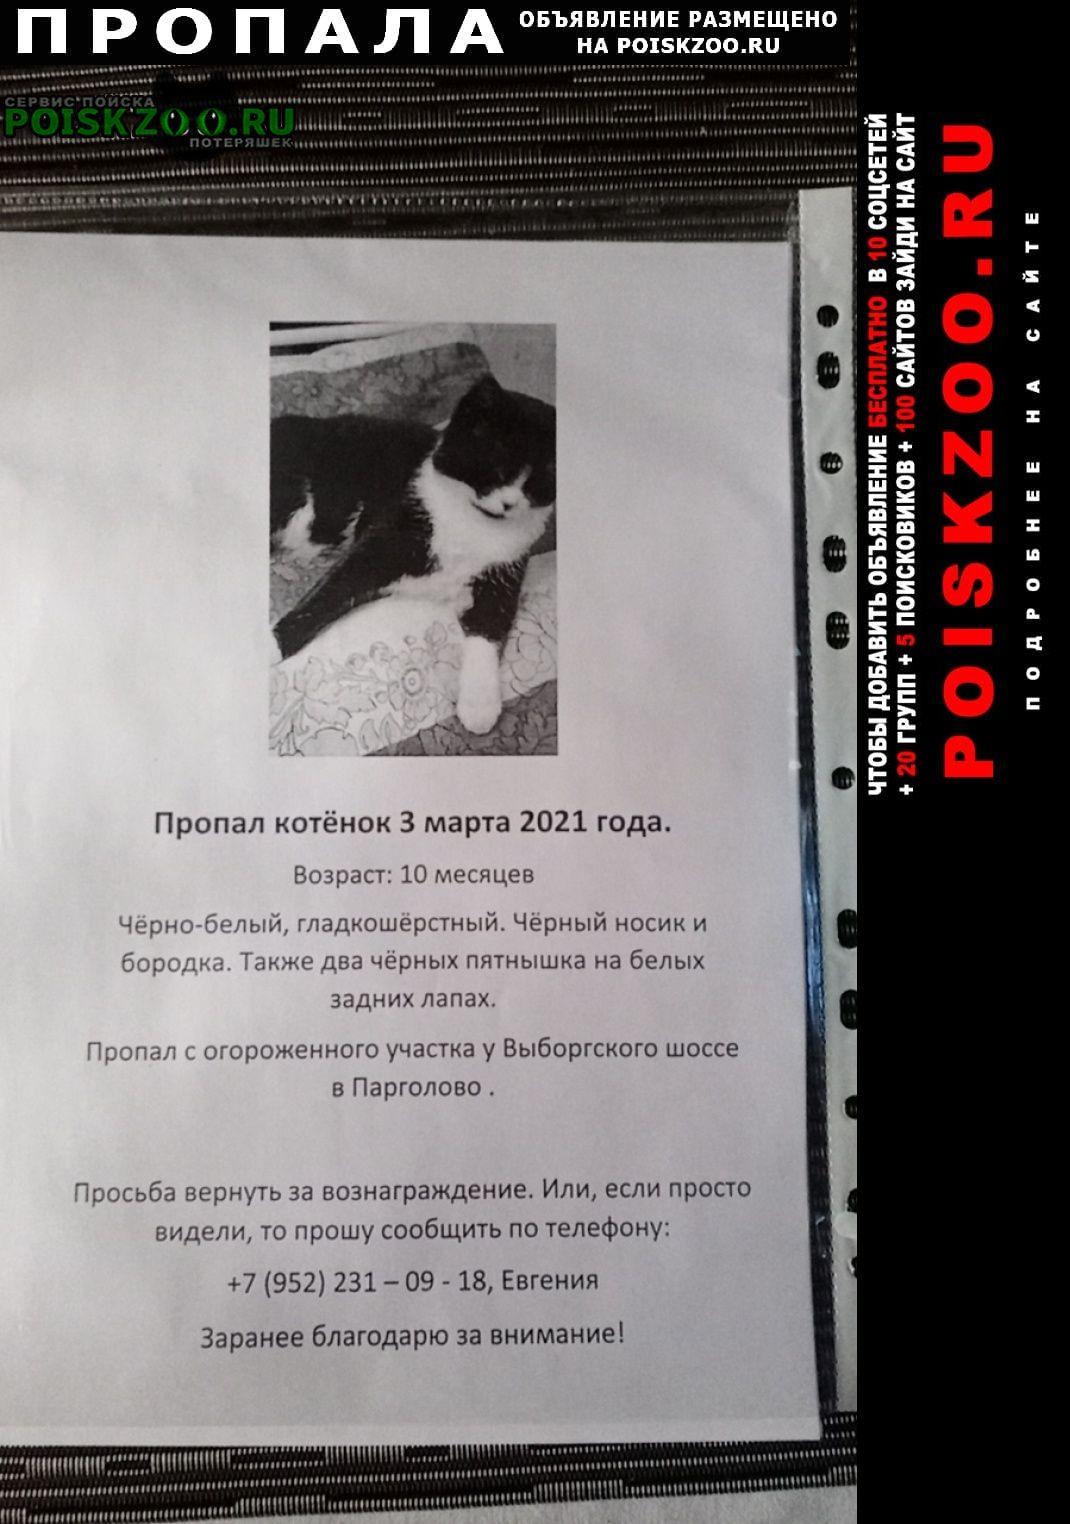 Санкт-Петербург Пропал кот парголово